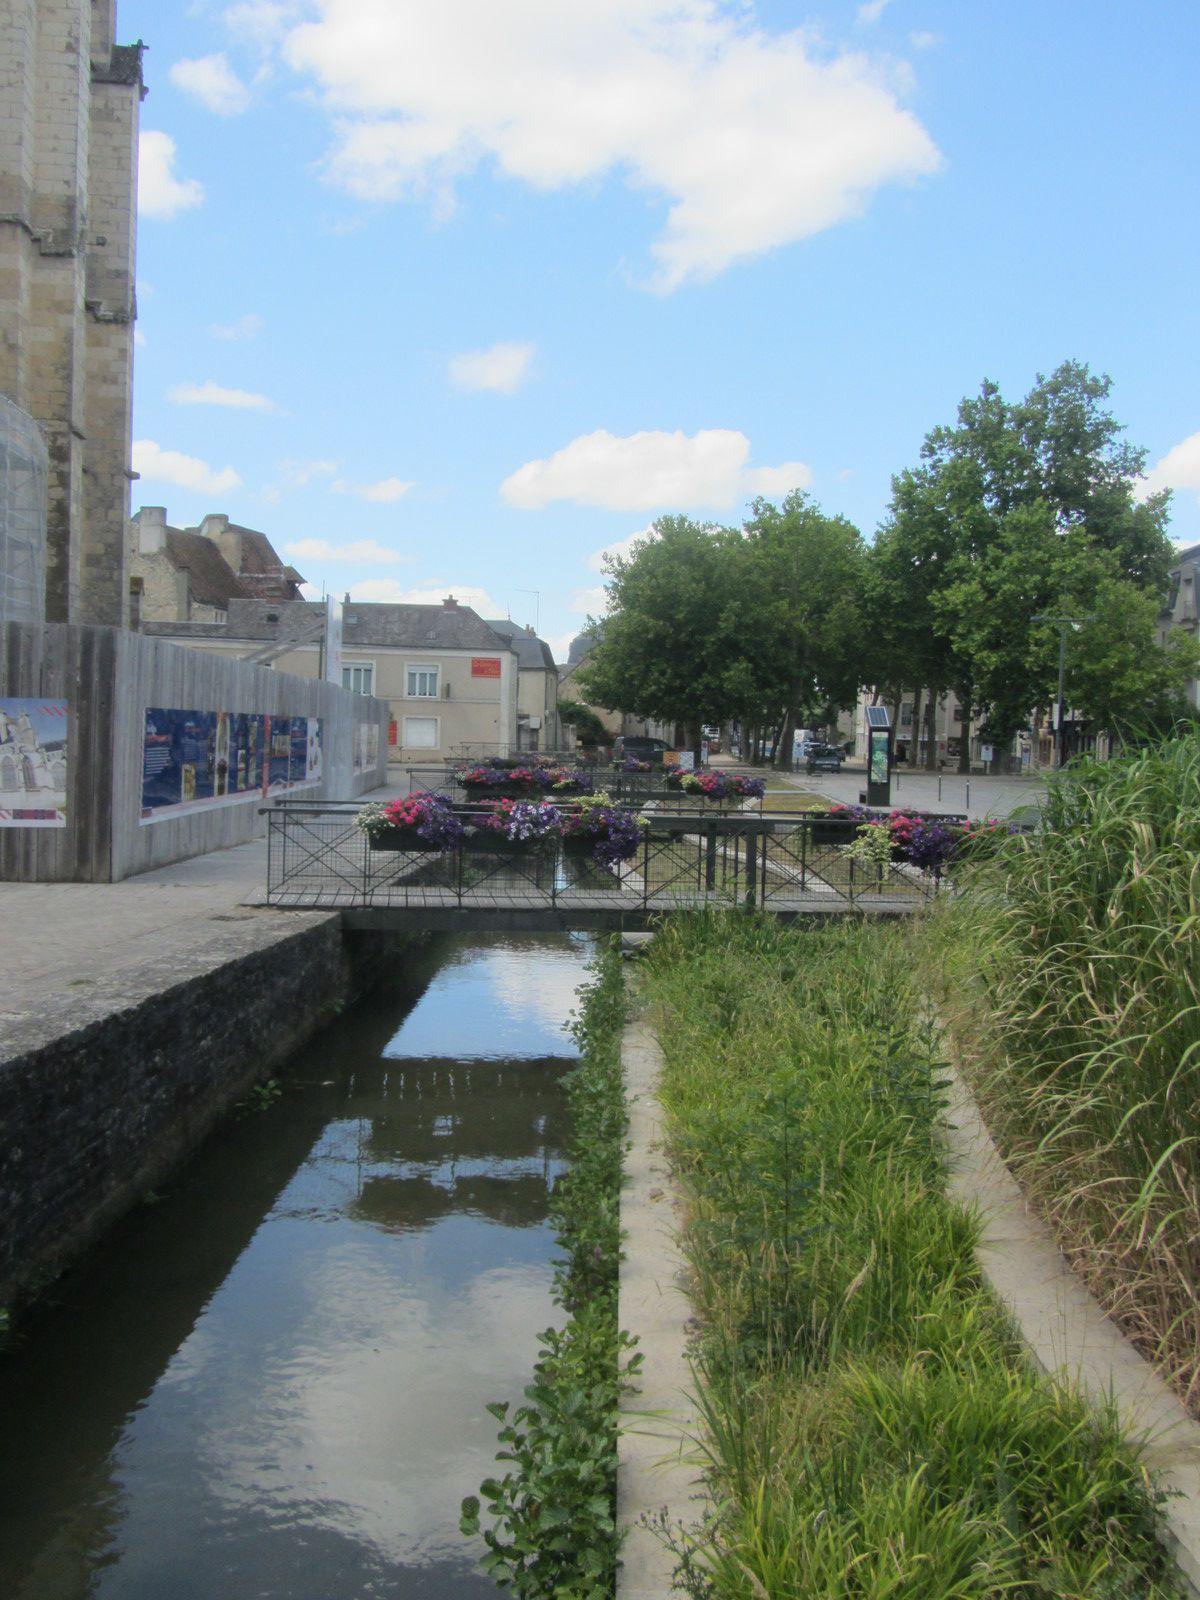 Comme je vous le disai lors du précédent article concernant la cité médiévale de La Ferté-Bernard. La ville a un charme pittoresque, avec ses nombreux canaux et ses belles maisons anciennes.